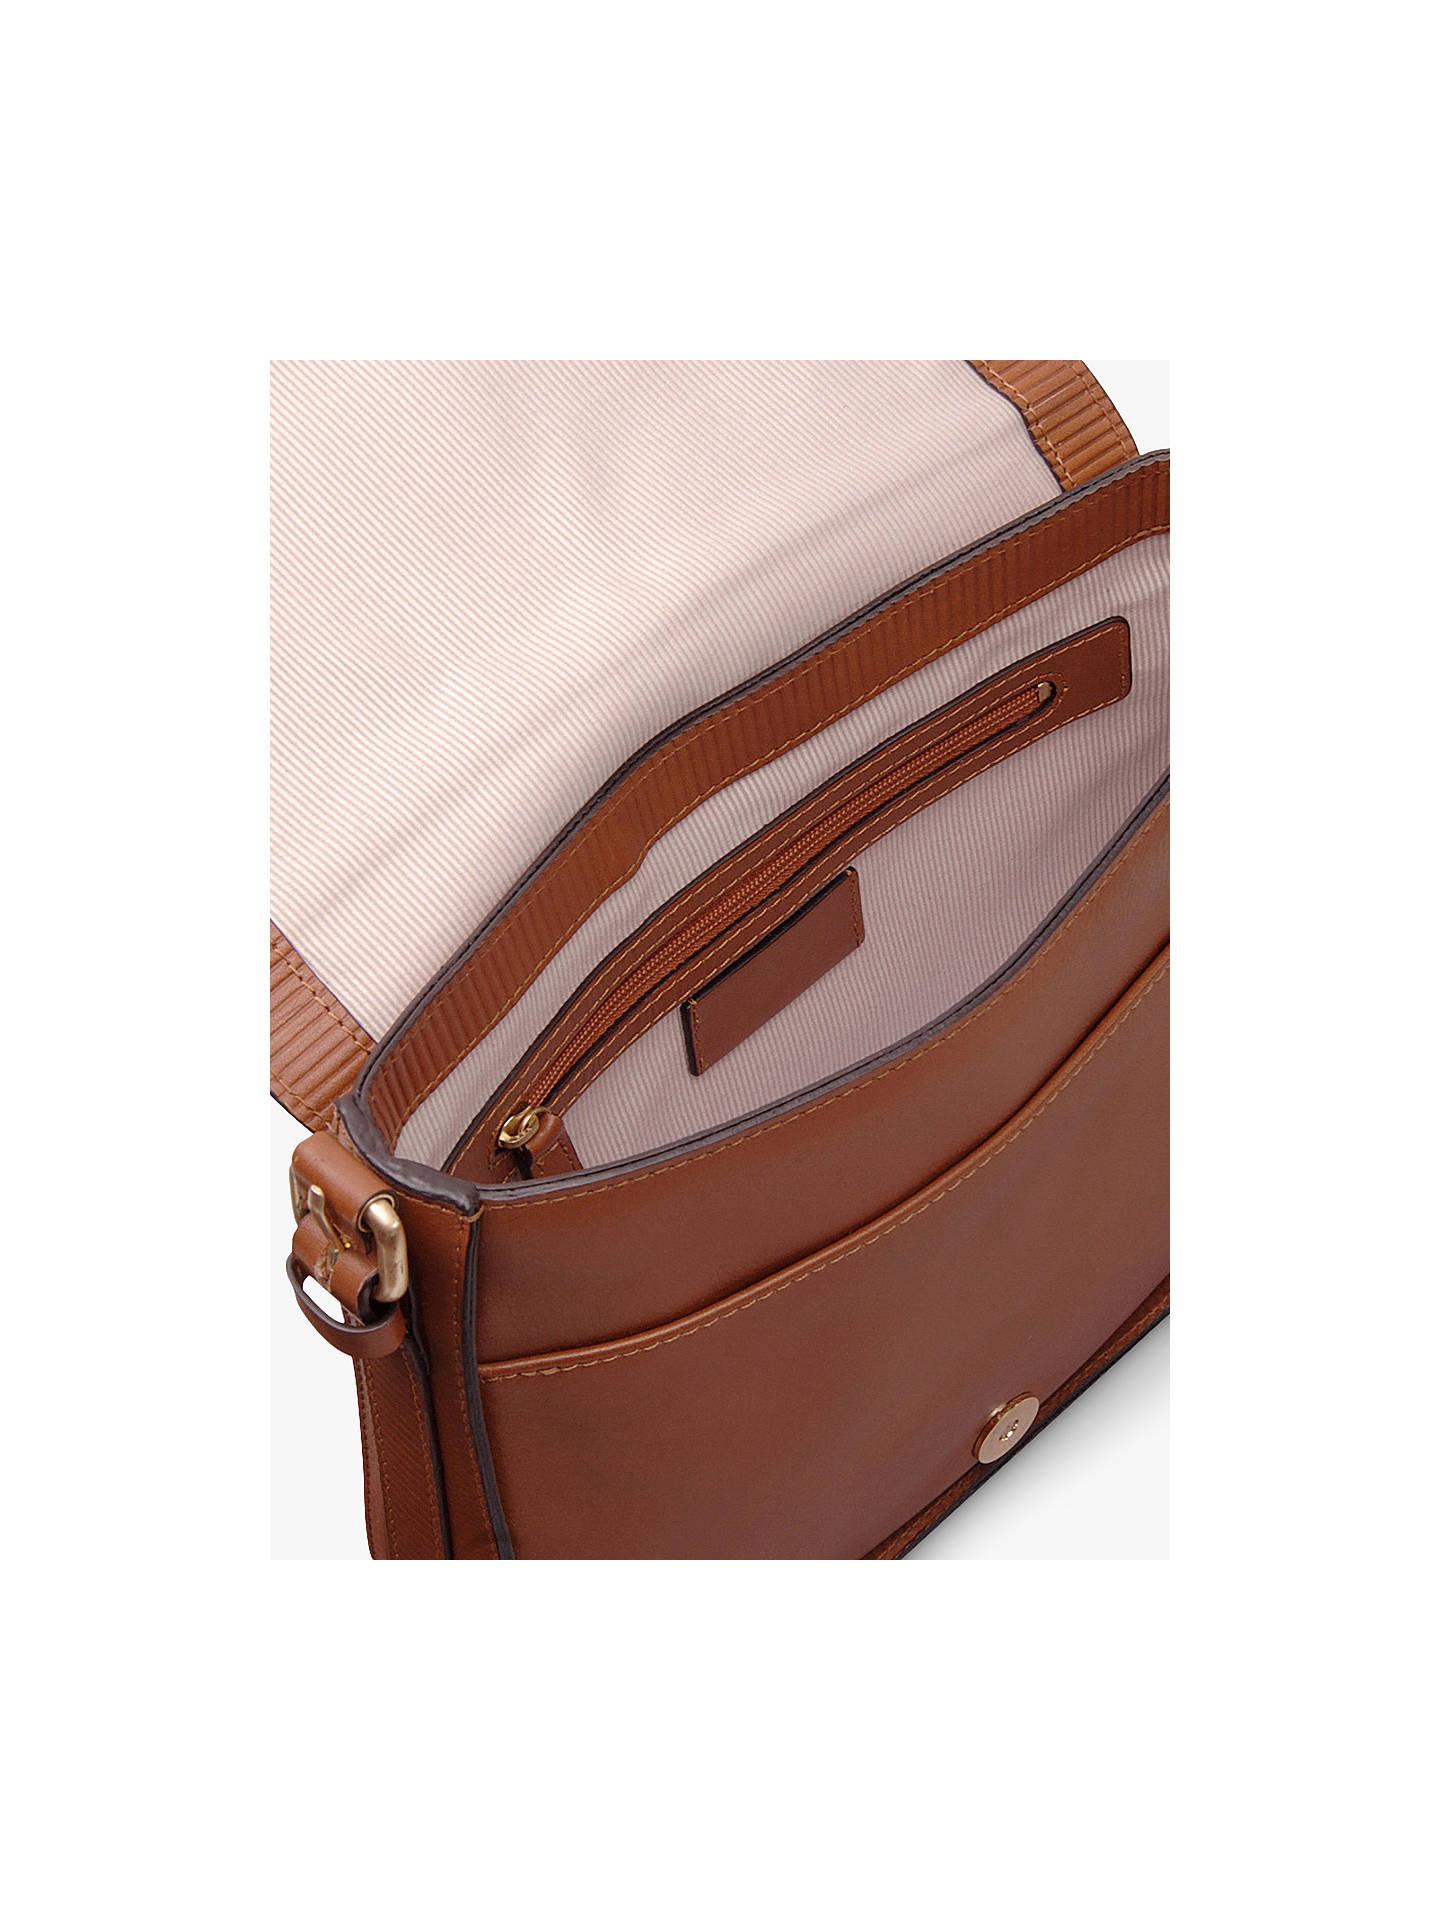 f8dddfa80da8 BuyRadley Painters Mews Leather Medium Flap Over Cross Body Bag